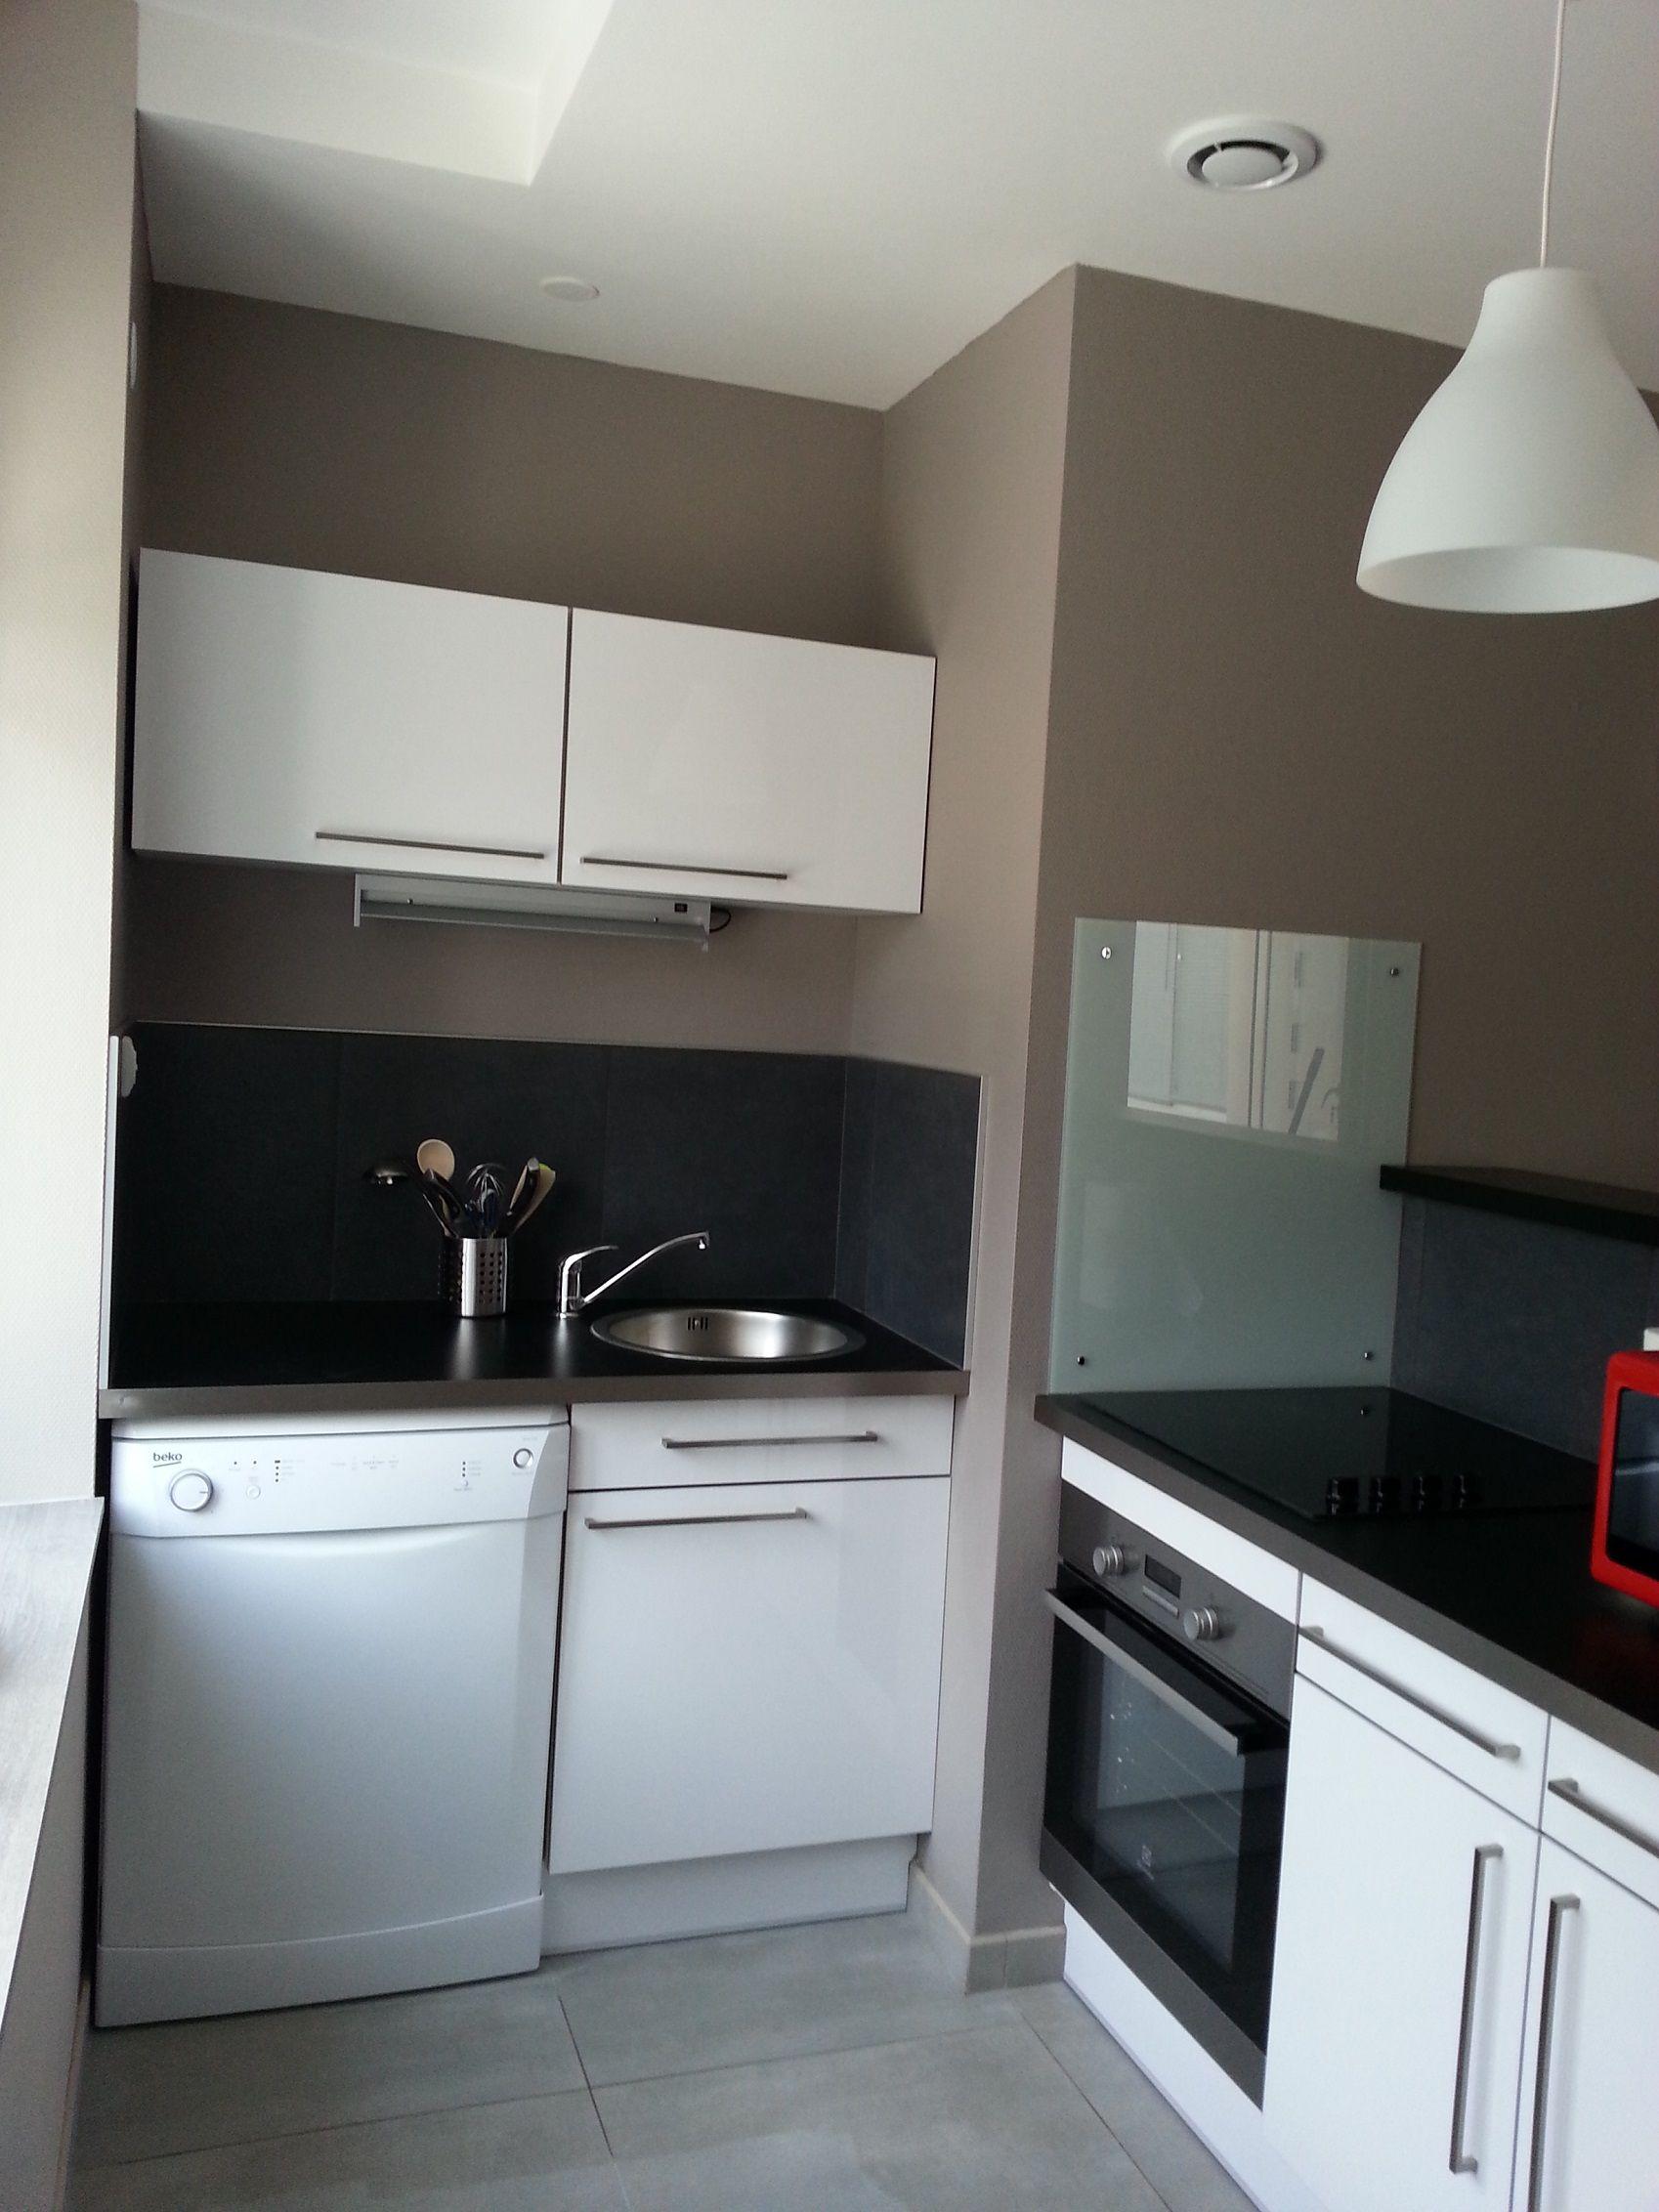 Meuble forelle sylvie appartement n 10 lorraine tourisme - Appartement meuble thionville ...